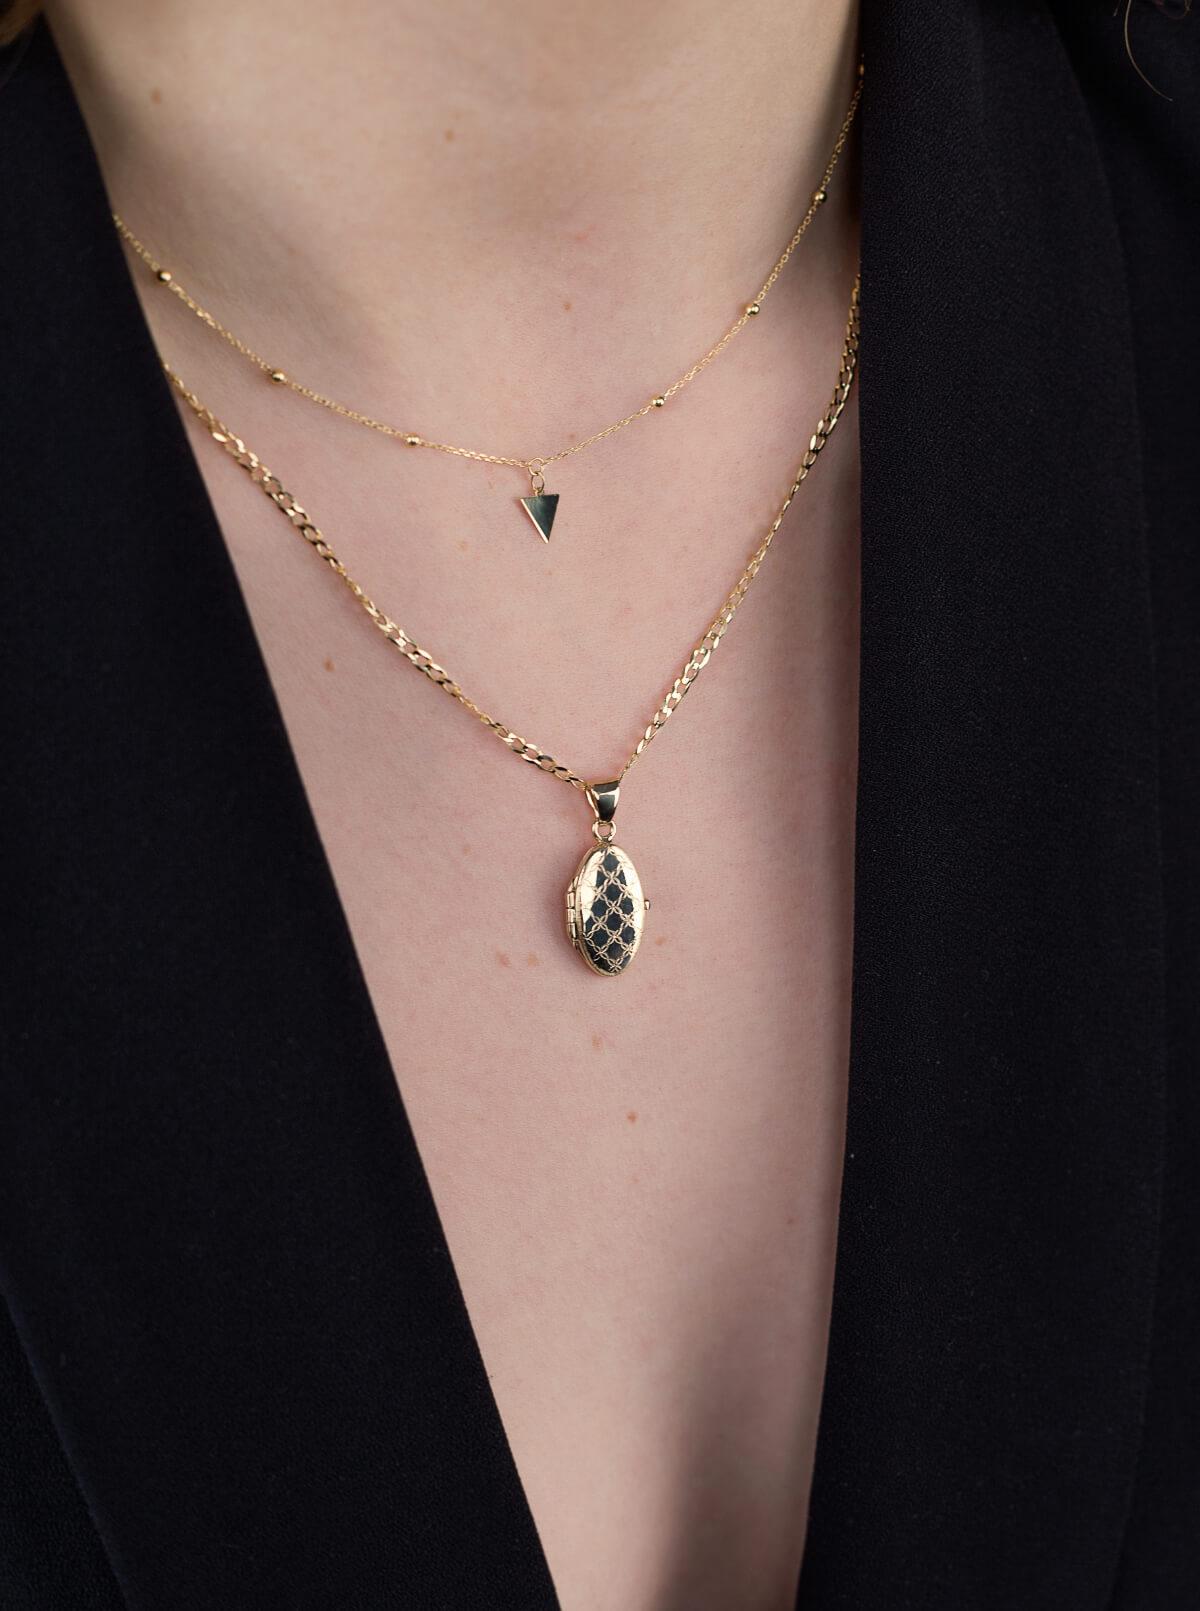 Modelka prezentuje złotą biżuterię autorską